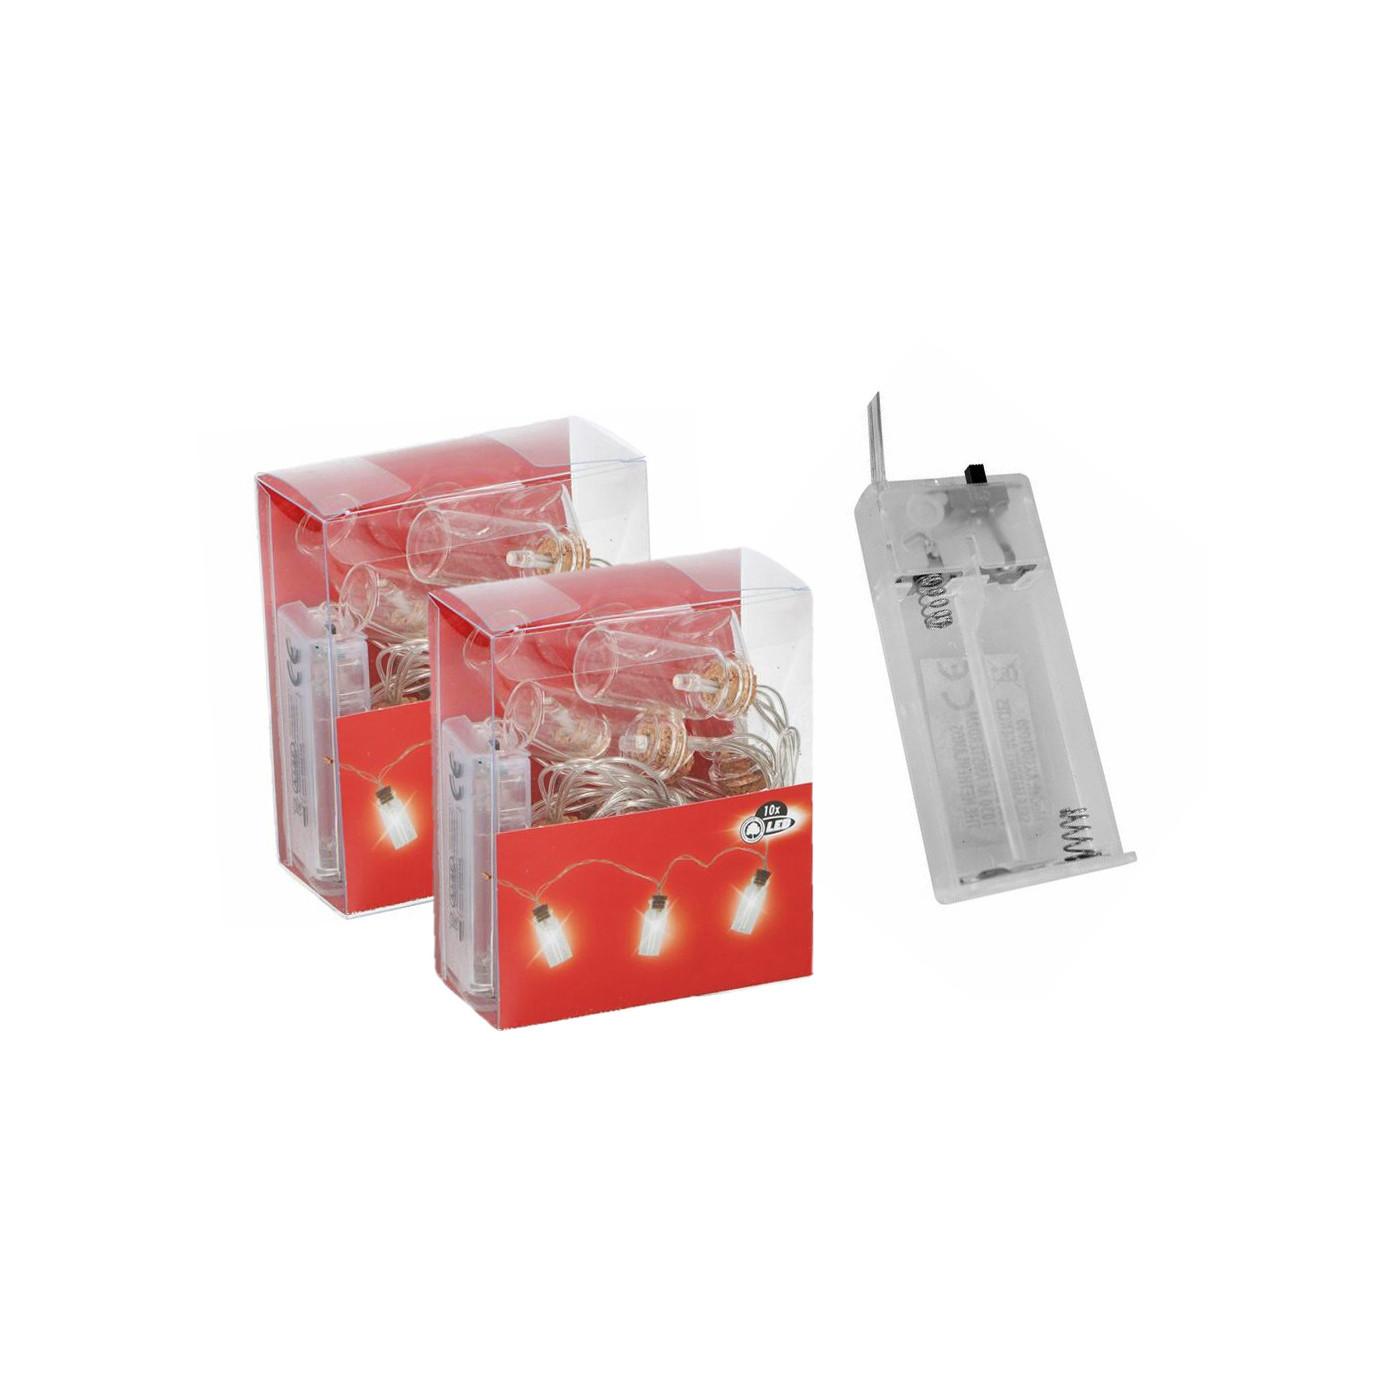 Set von 2 LED-Lichtketten mit dekorativen Flaschen (auf